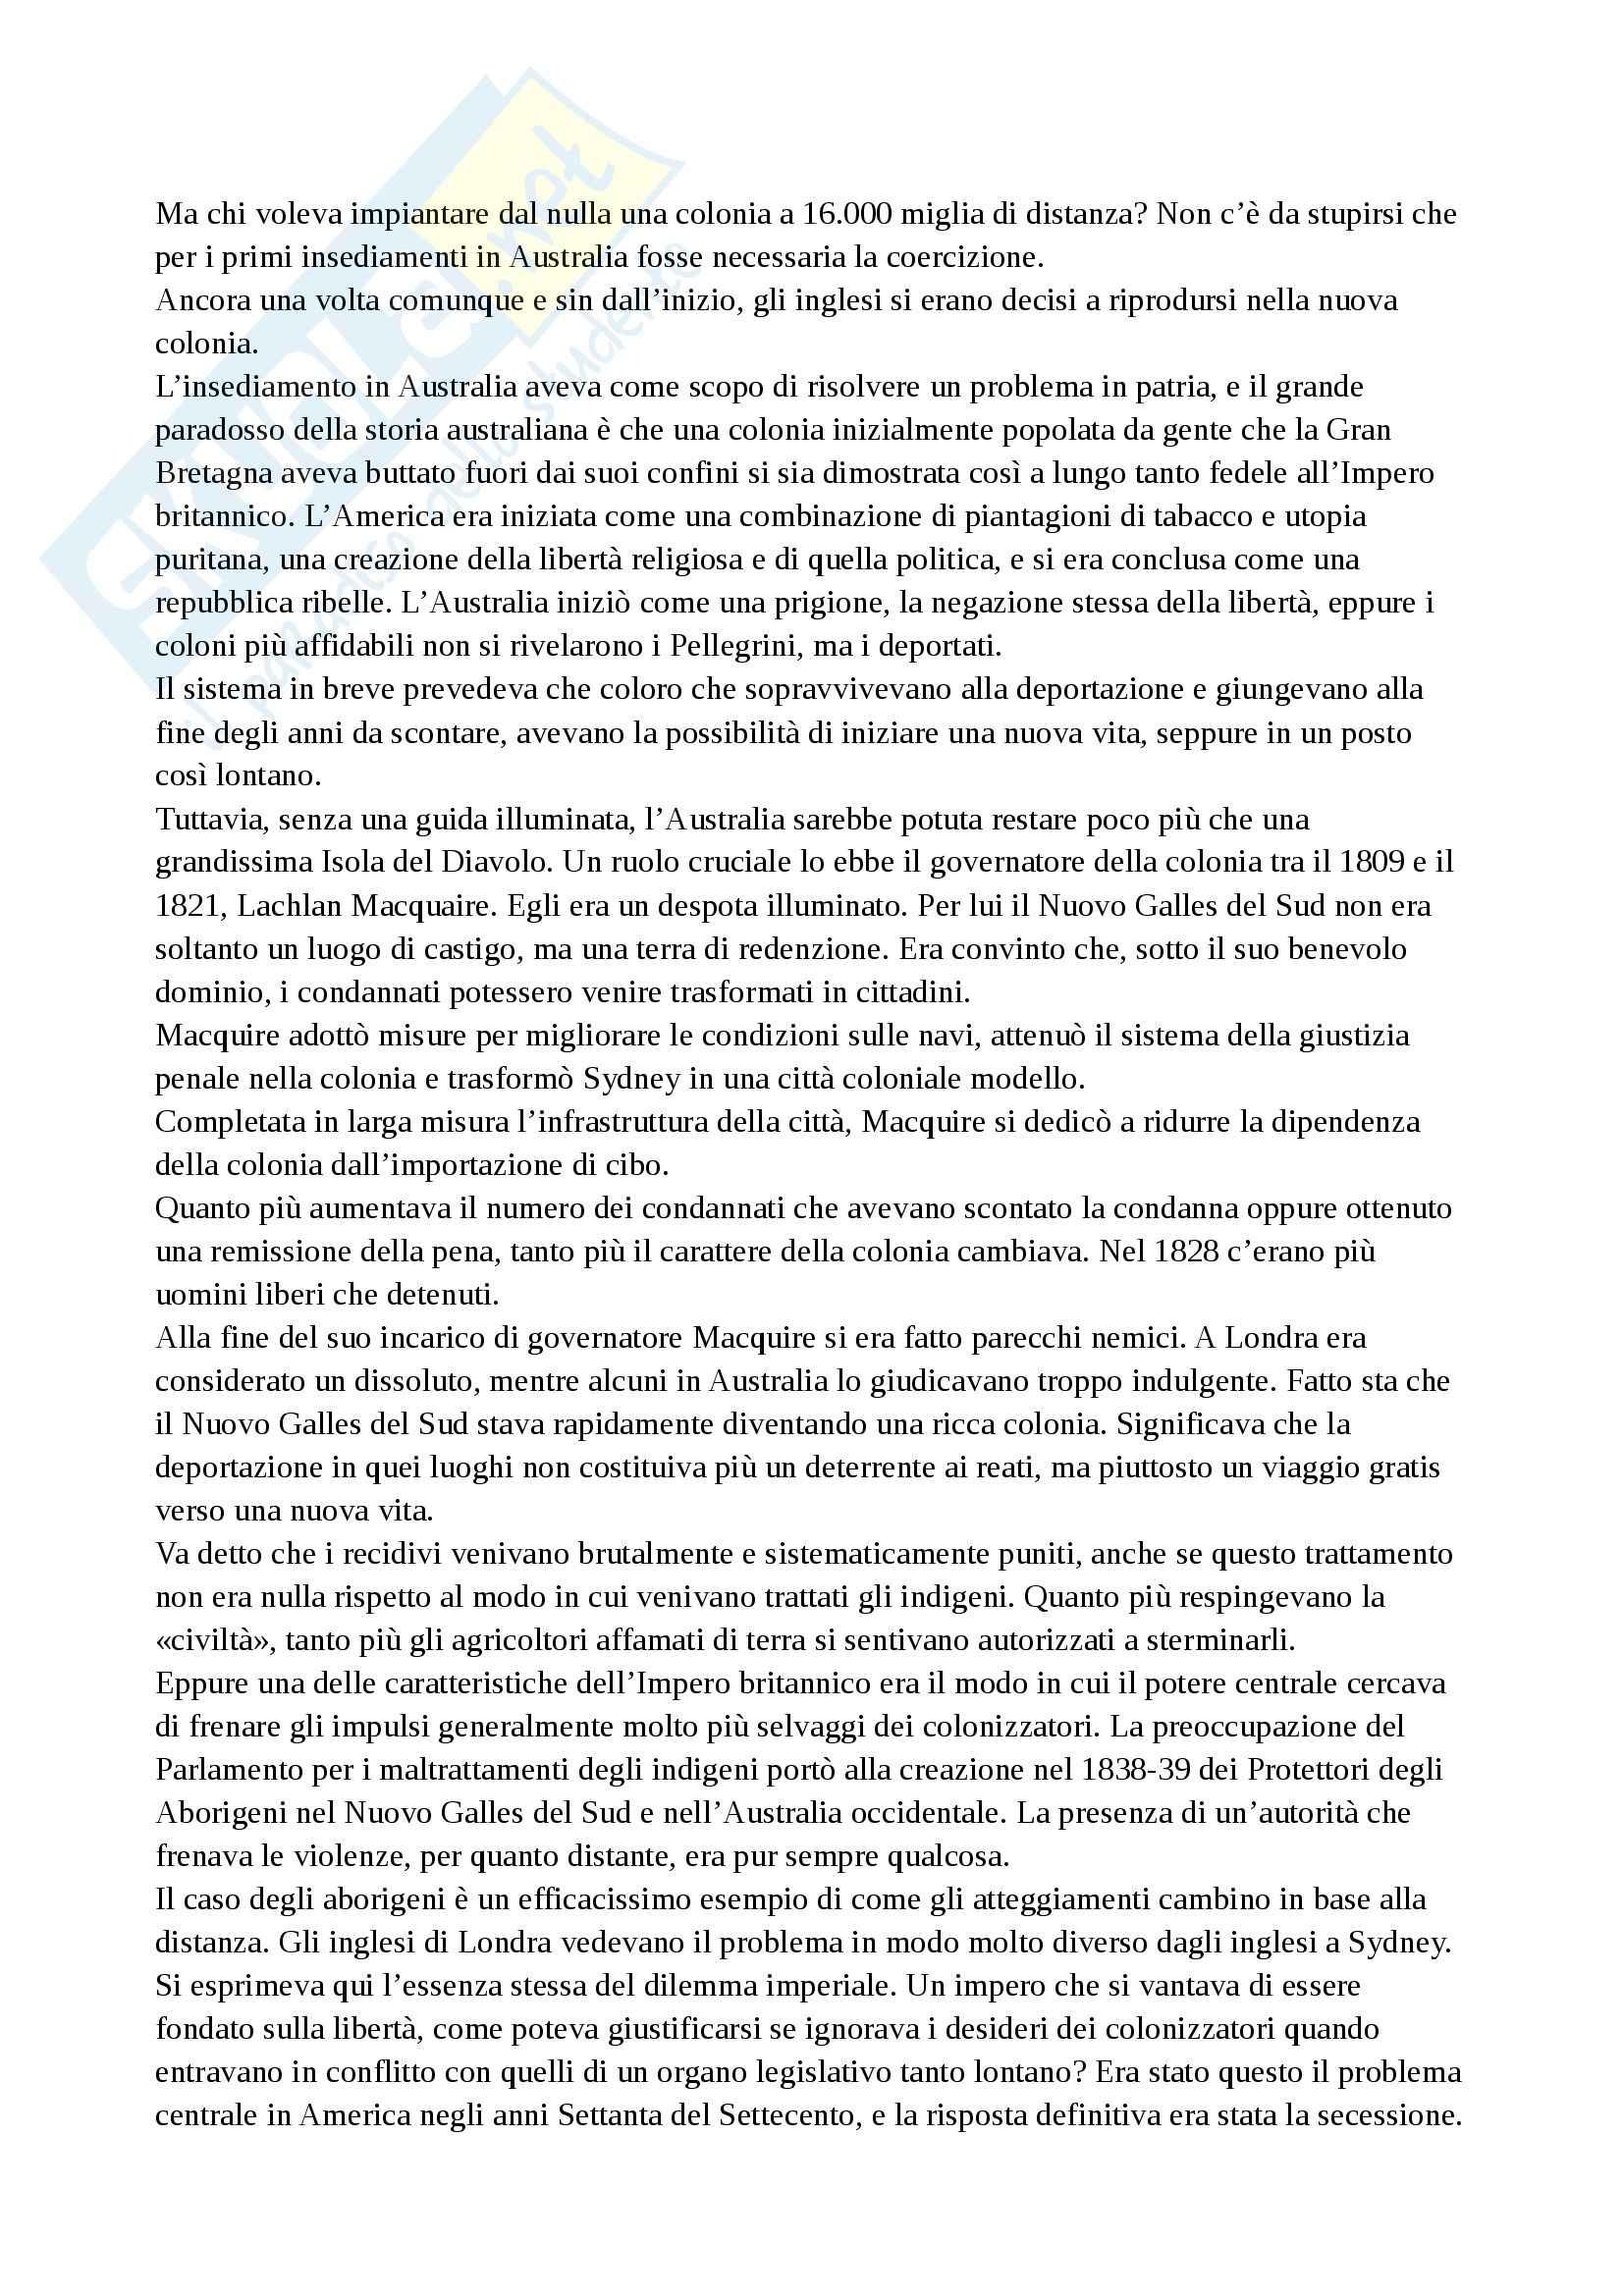 Impero, Storia del mondo contemporaneo Pag. 11